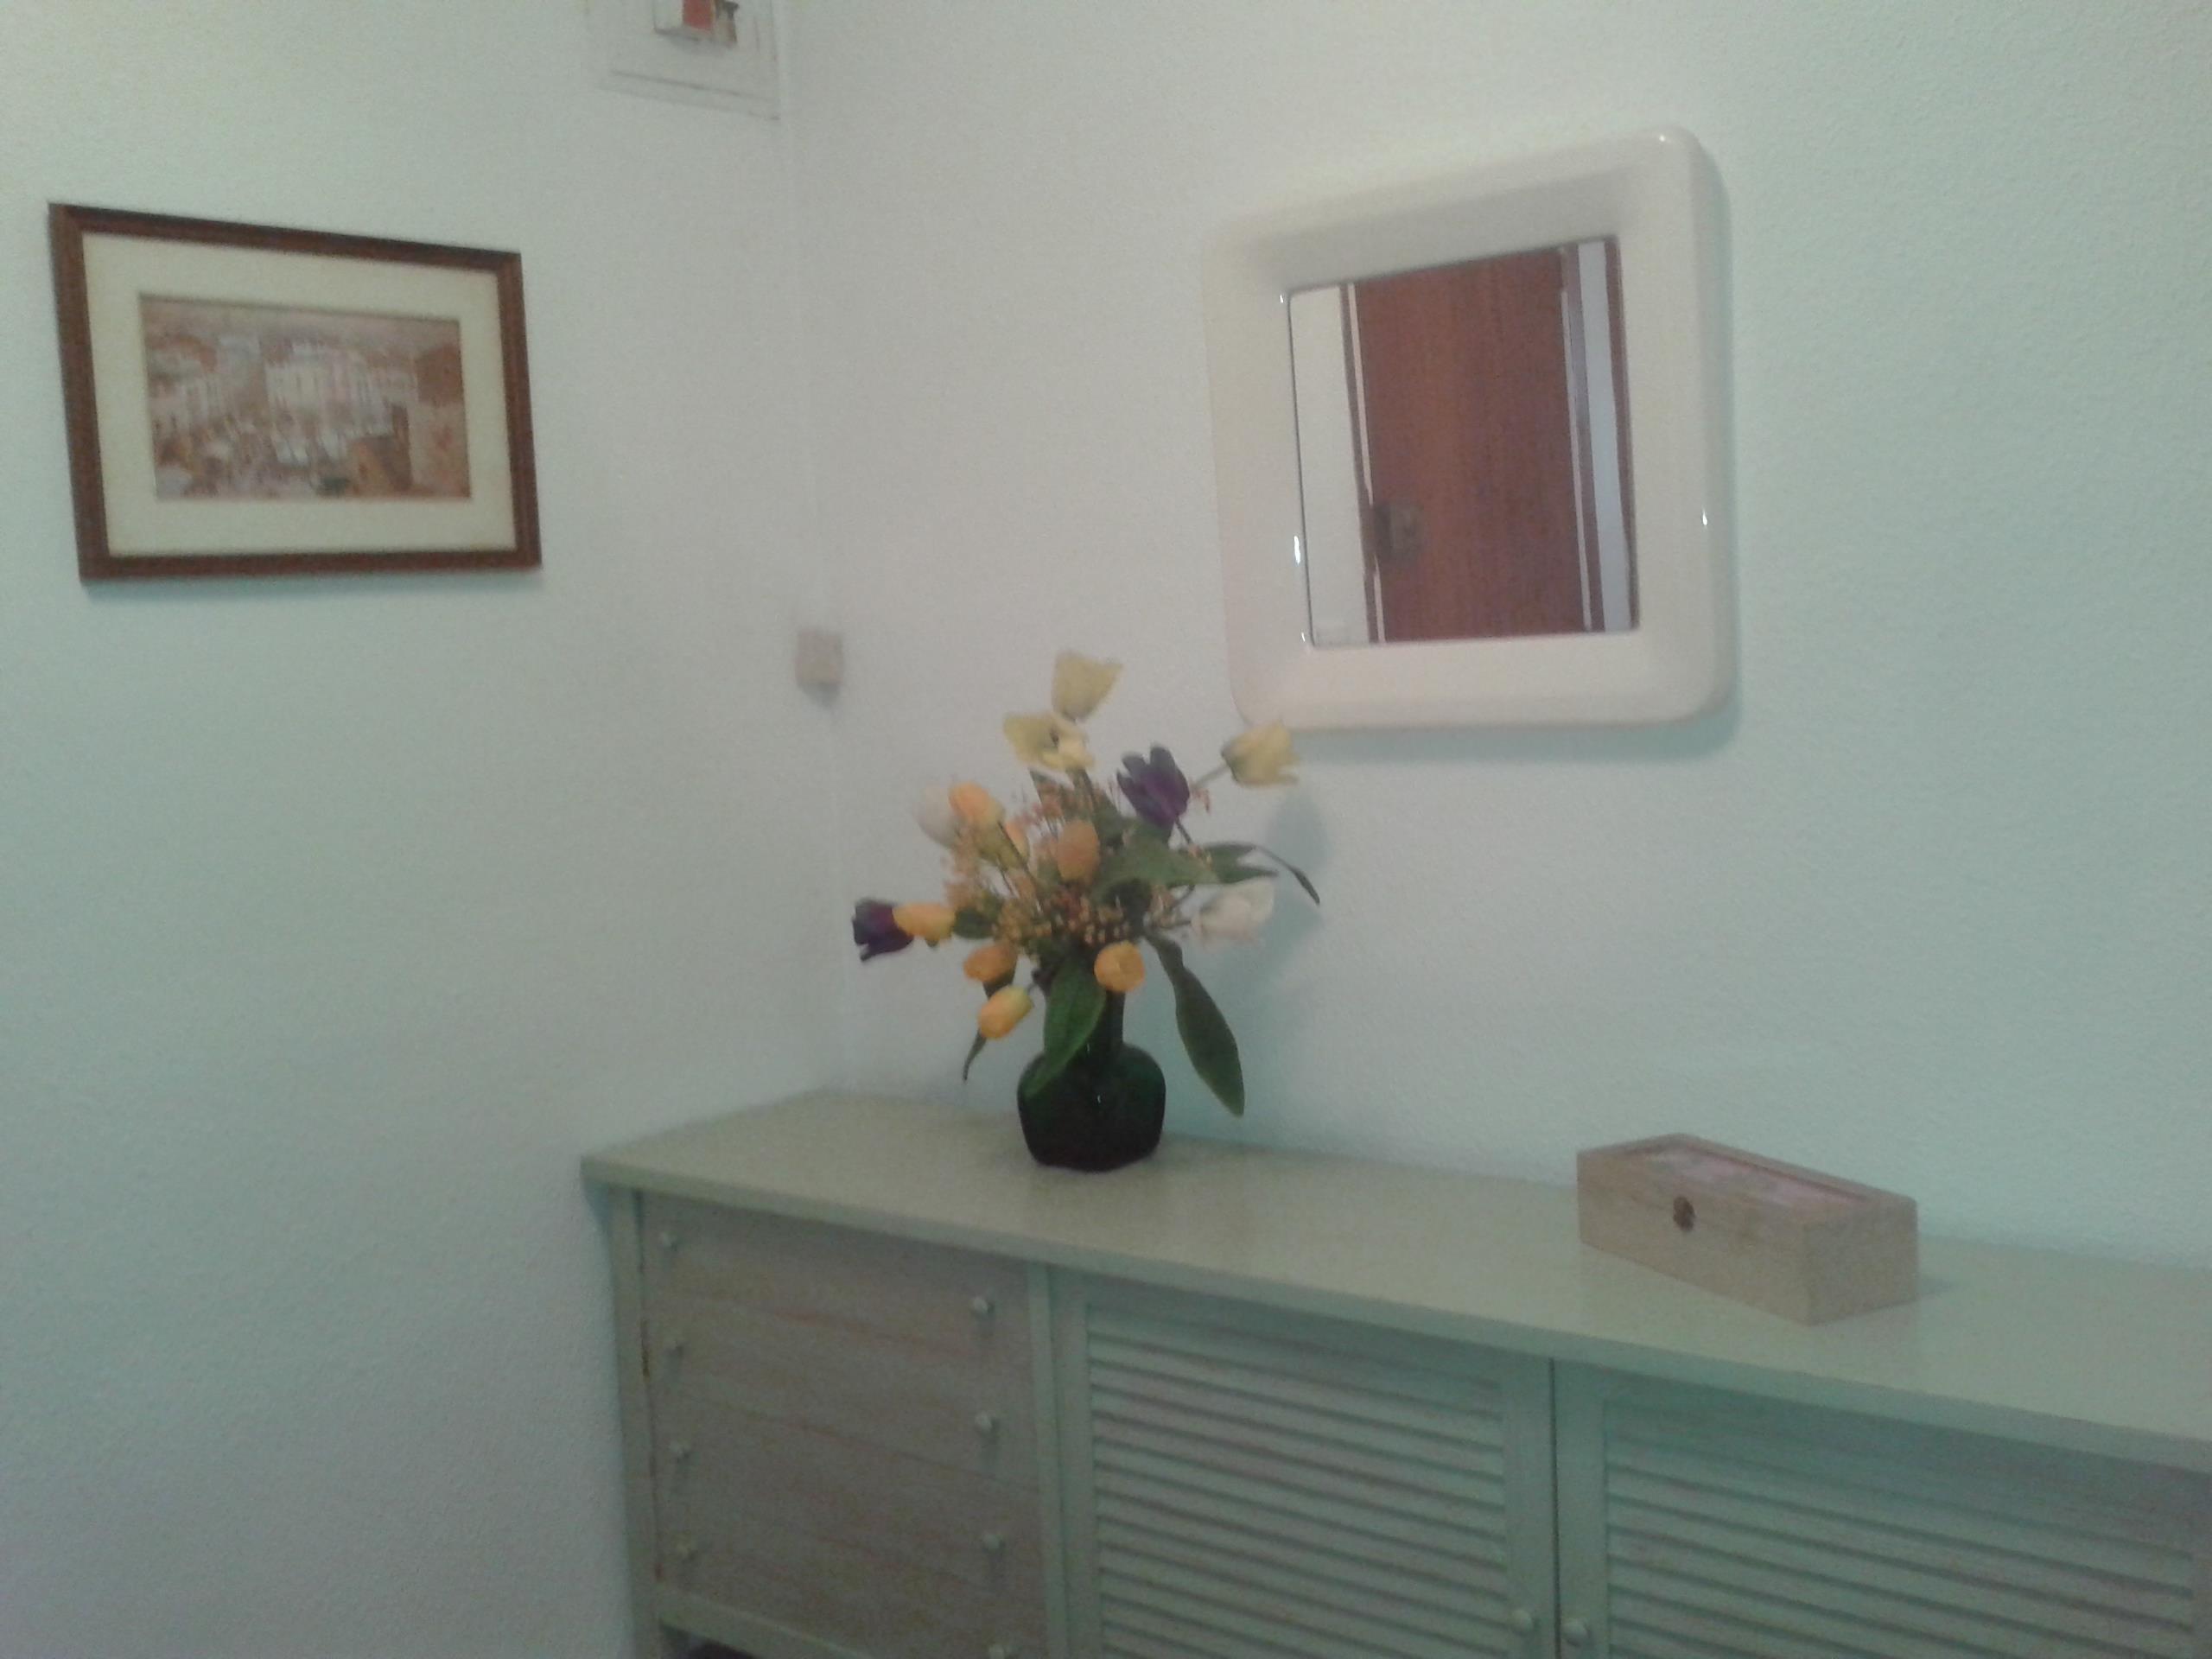 Lloguer Pis  Calle francesc ciurana. Atic de dues habitacions dobles, rebedor, sala estar, menjador,